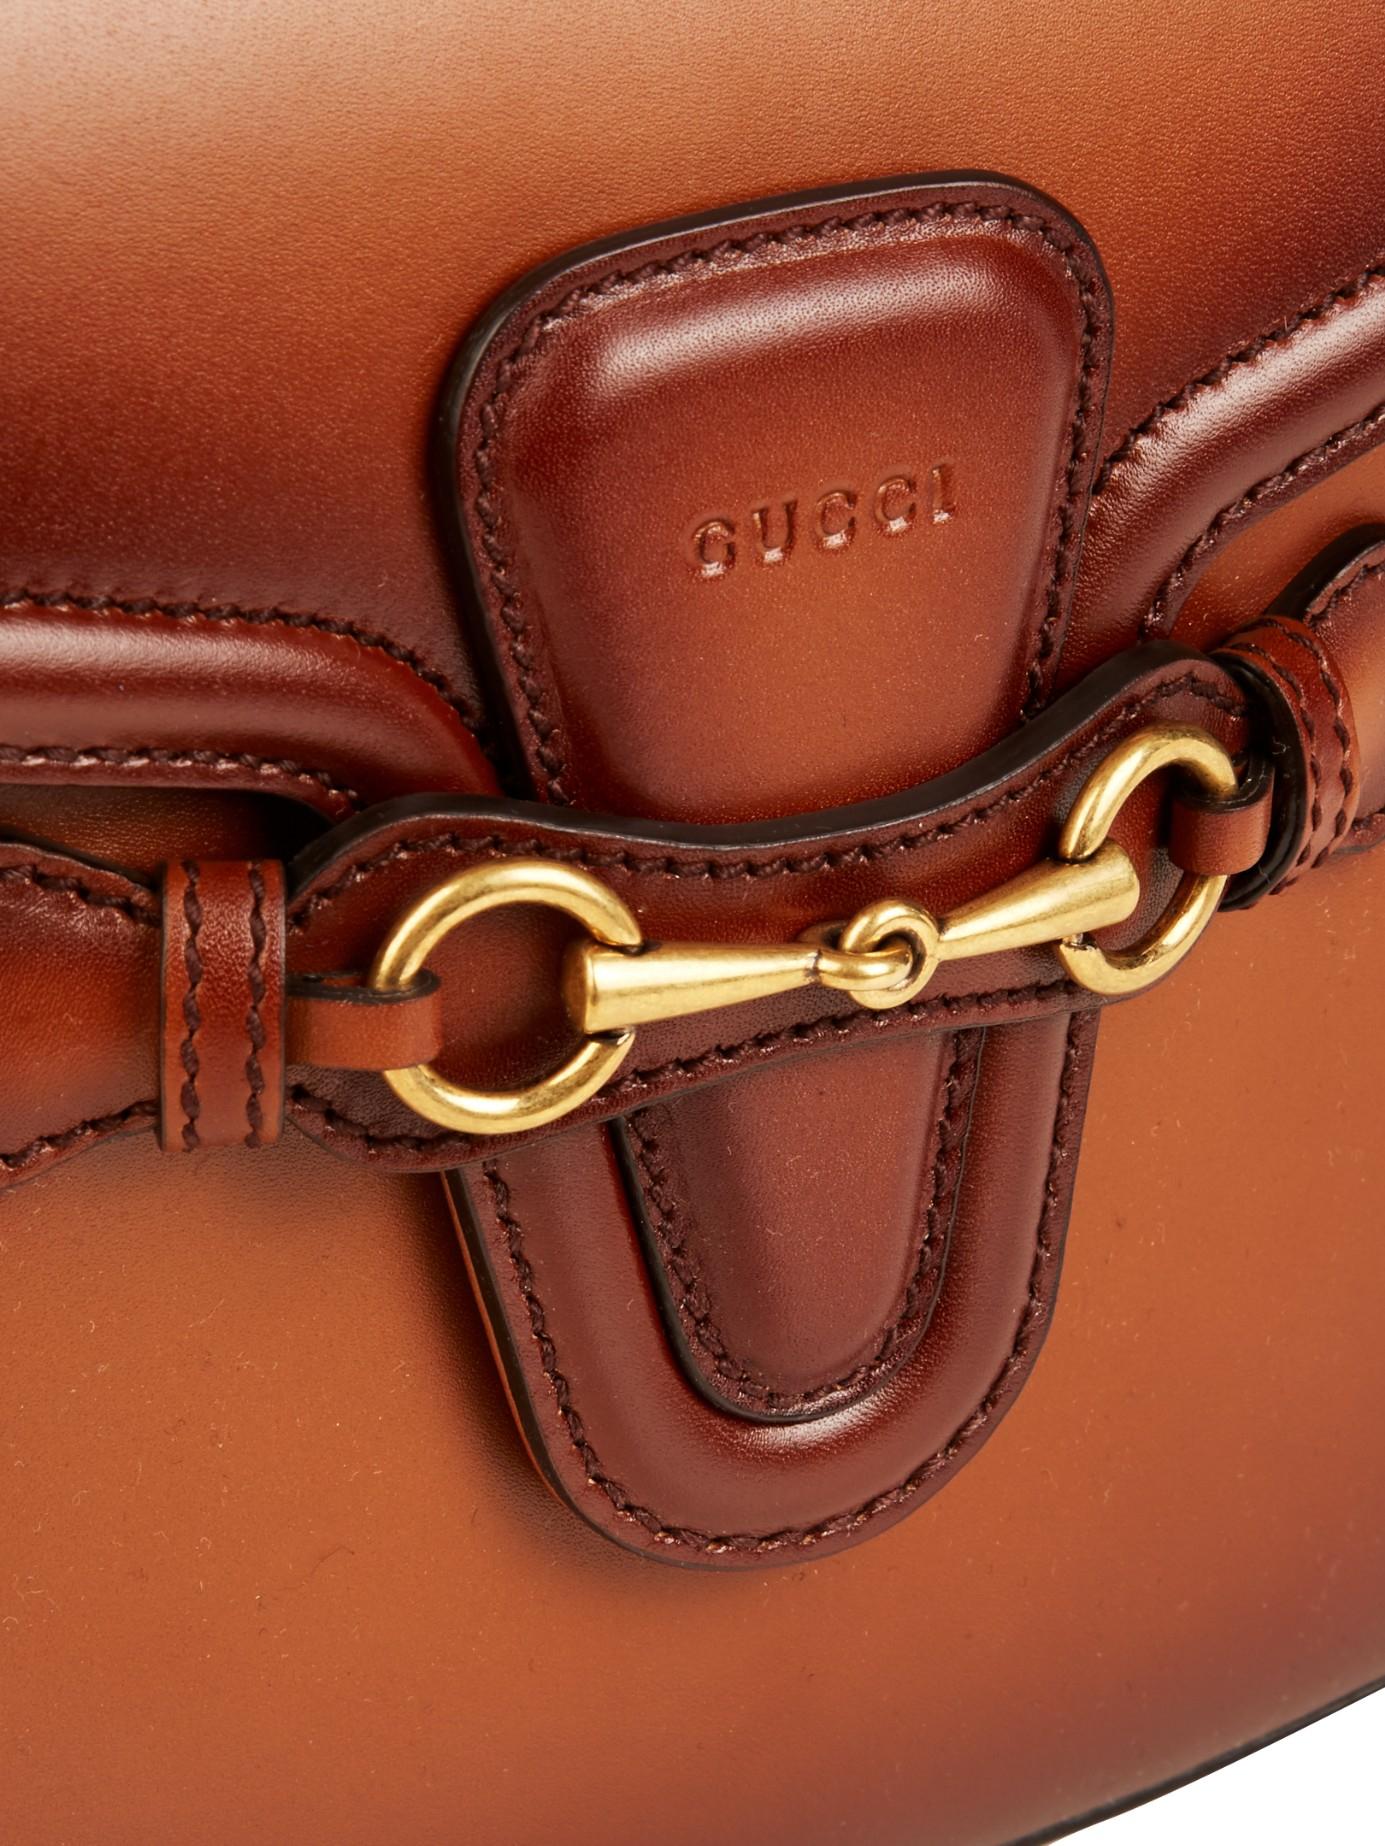 5870cf26cdbe30 Gucci Lady Web Medium Leather Shoulder Bag in Brown - Lyst